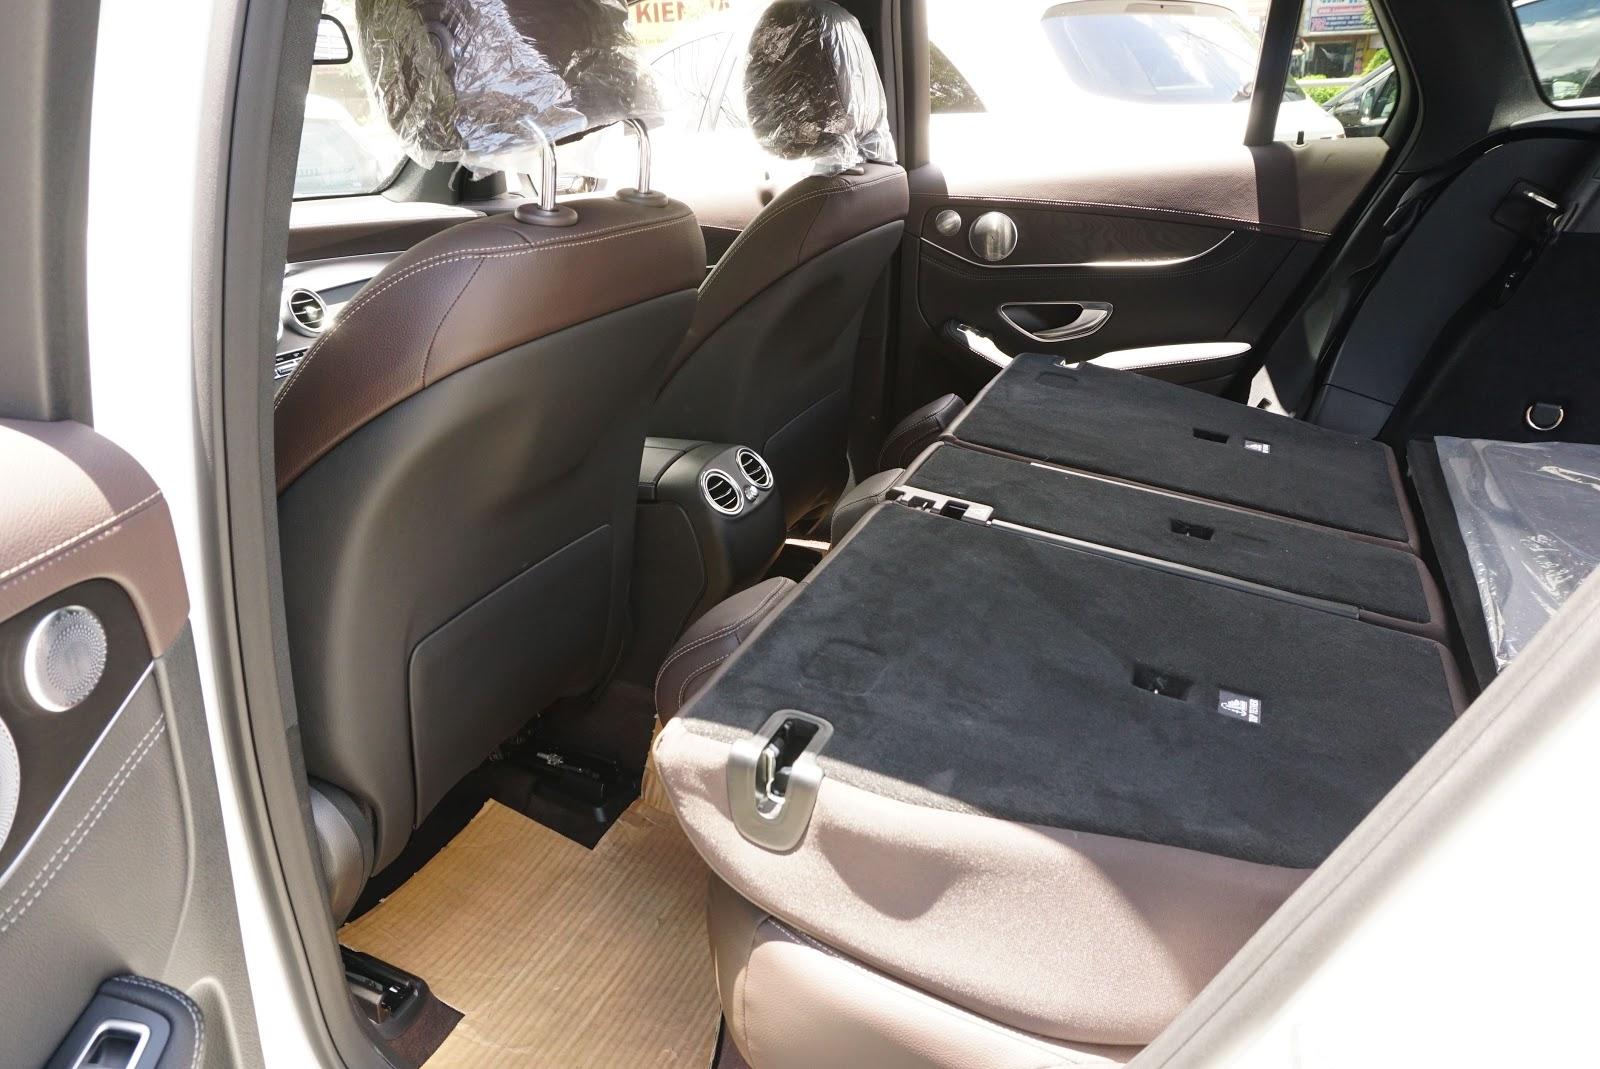 Khách hàng có thể chở các hành lý lớn như xe đạp, tủ đồ khi hạ hàng ghế thứ 2